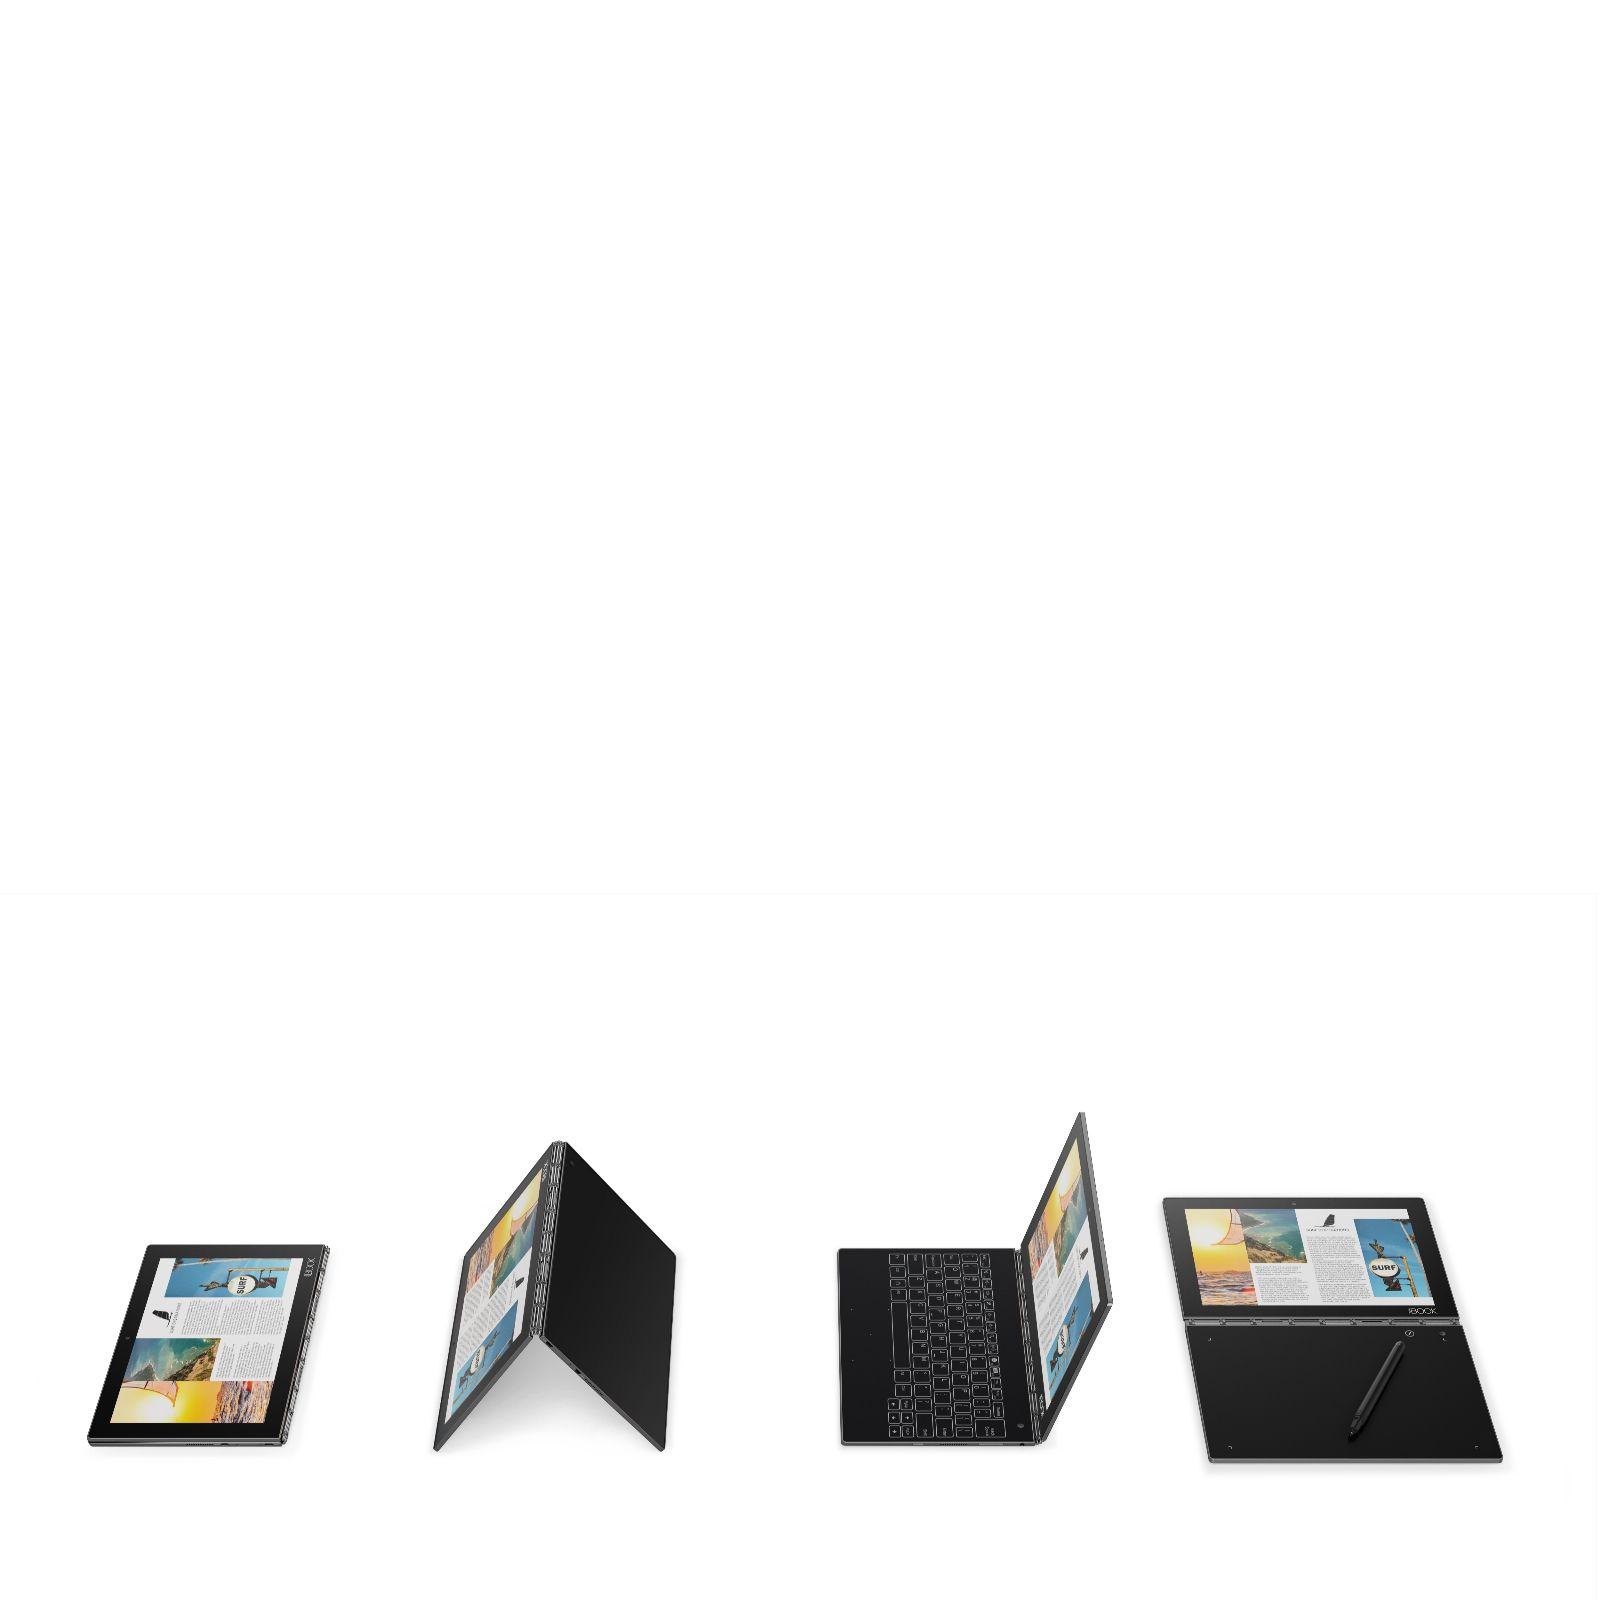 Lenovo Yoga Book 10 1